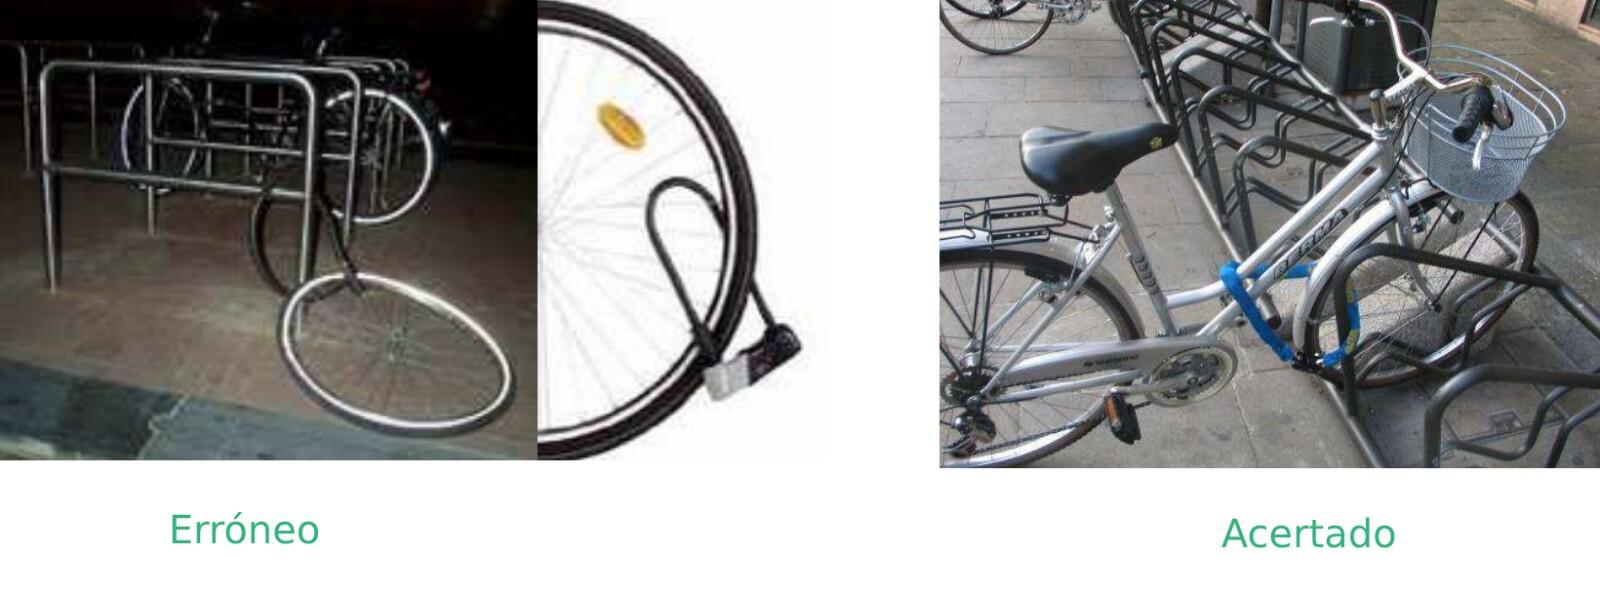 cómo candar la bici correctamente